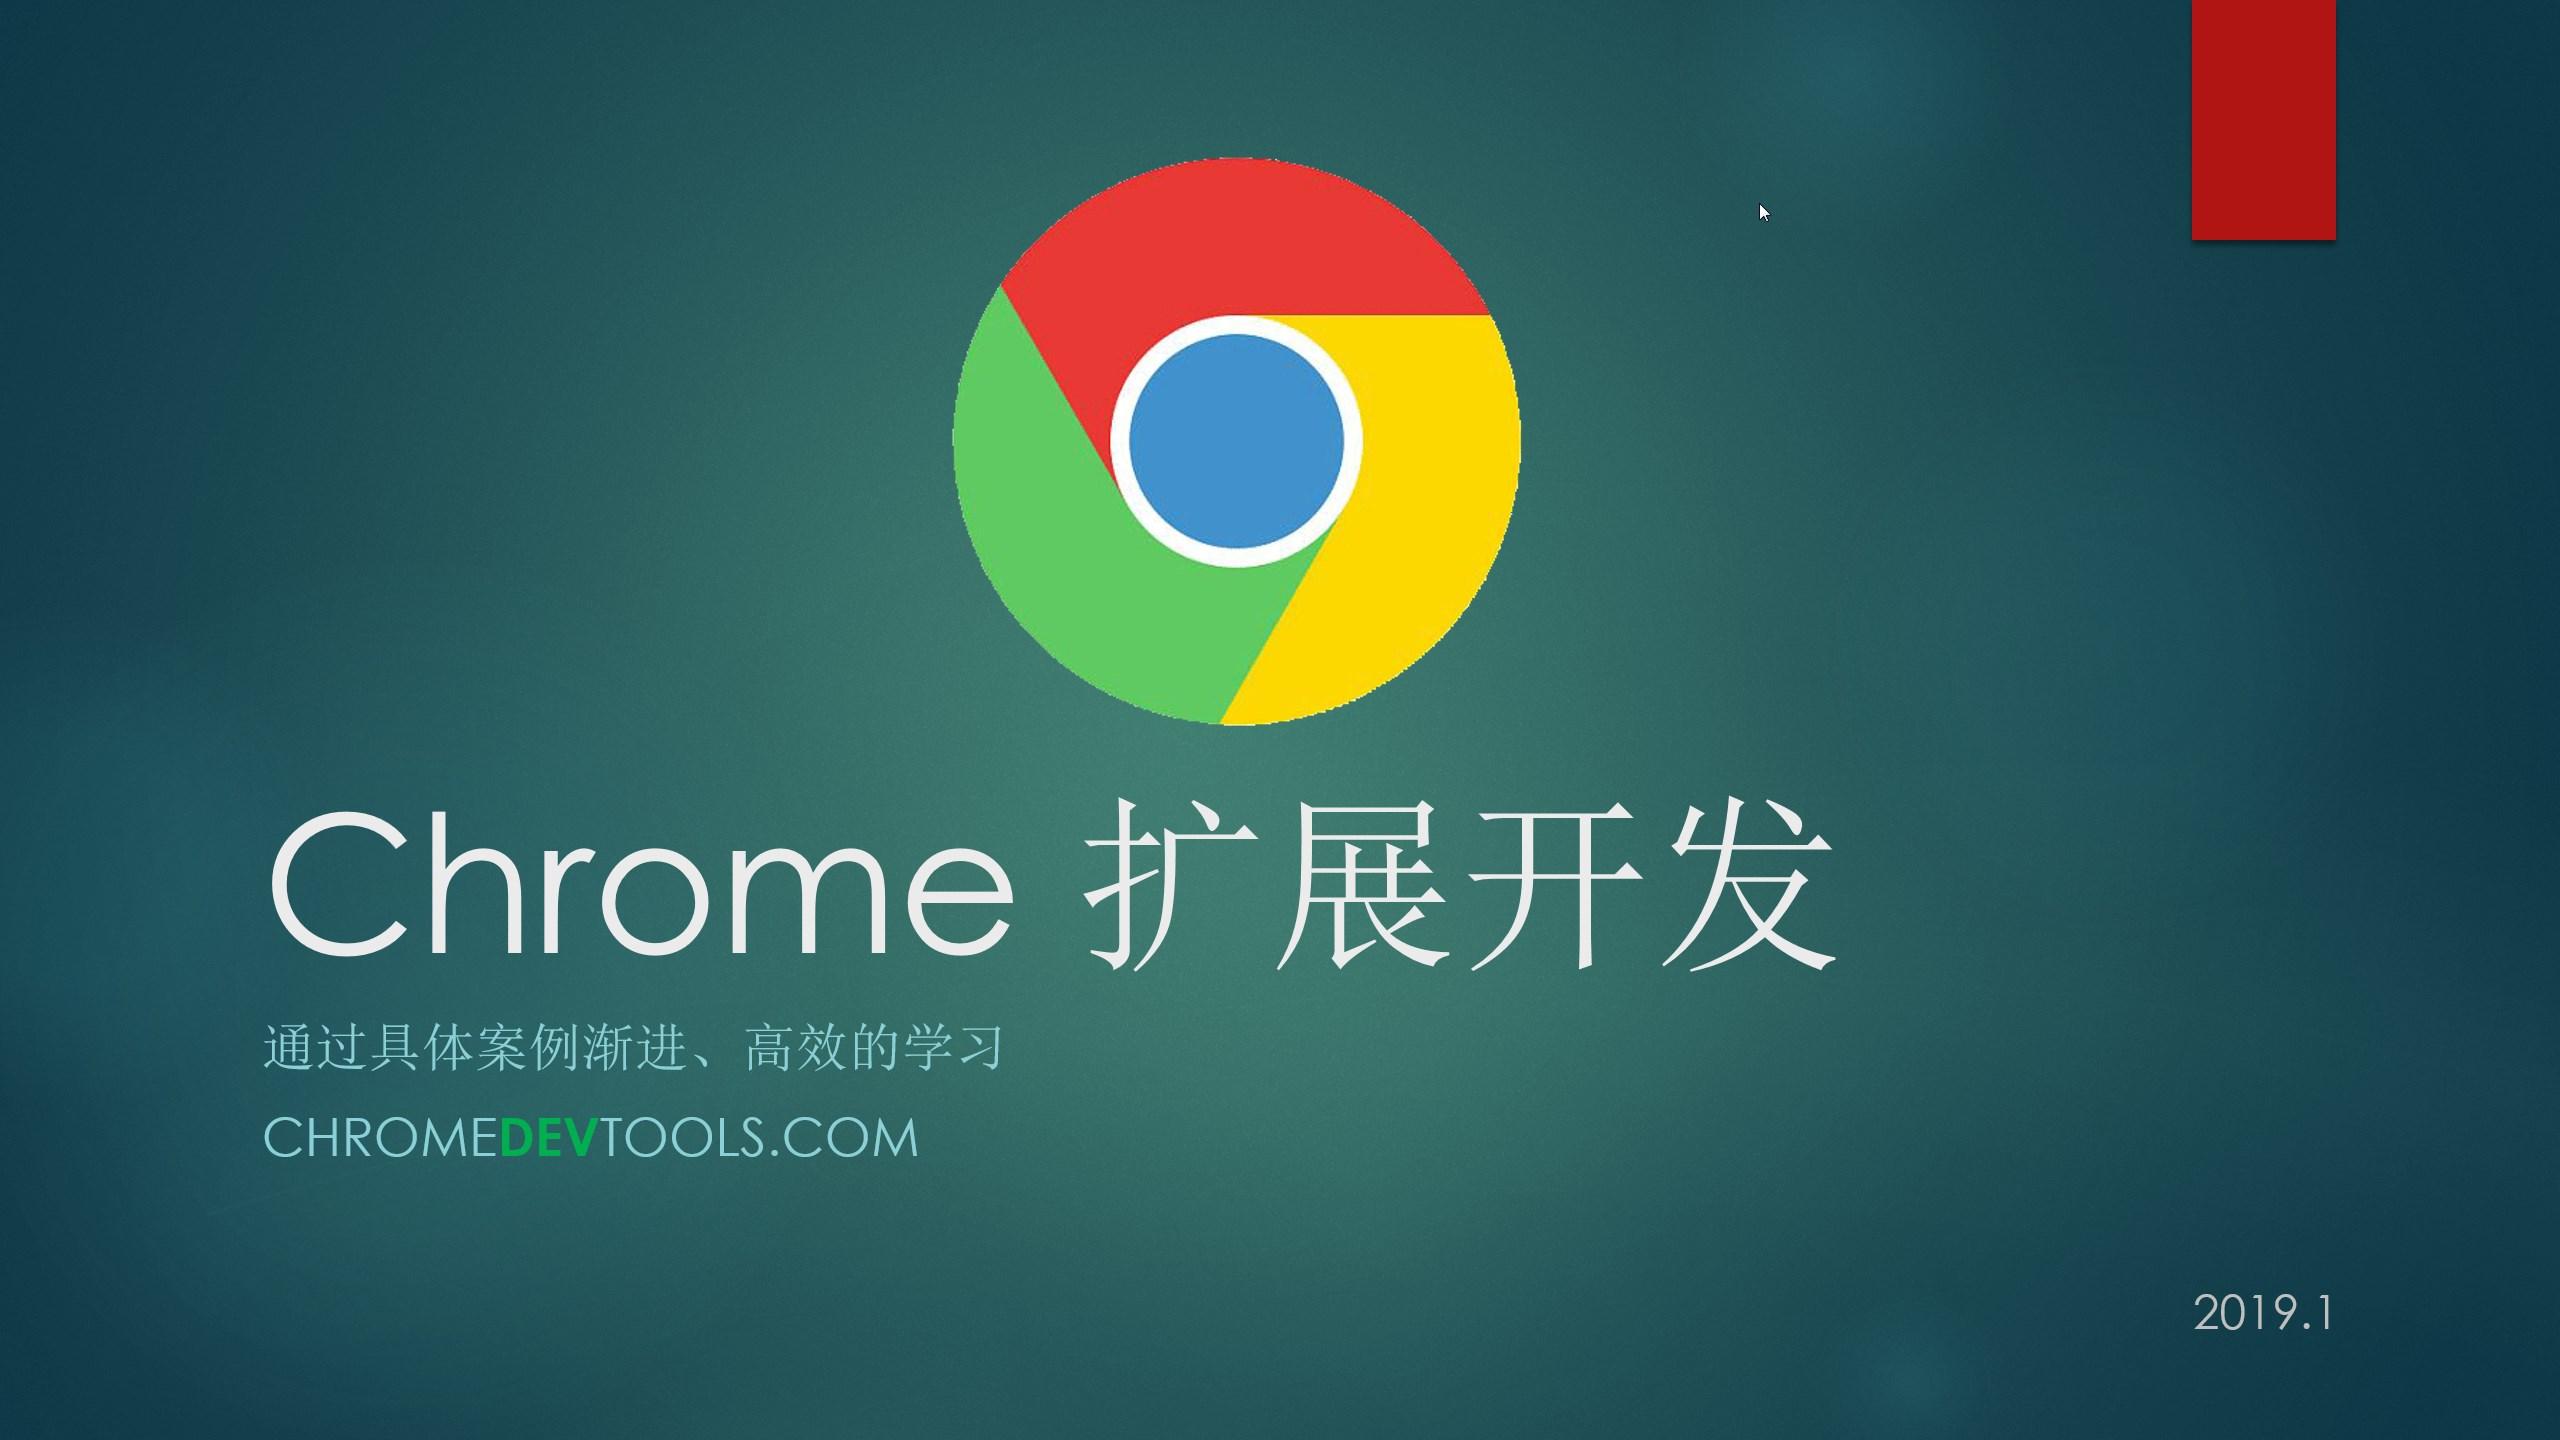 Chrome Extension Develop